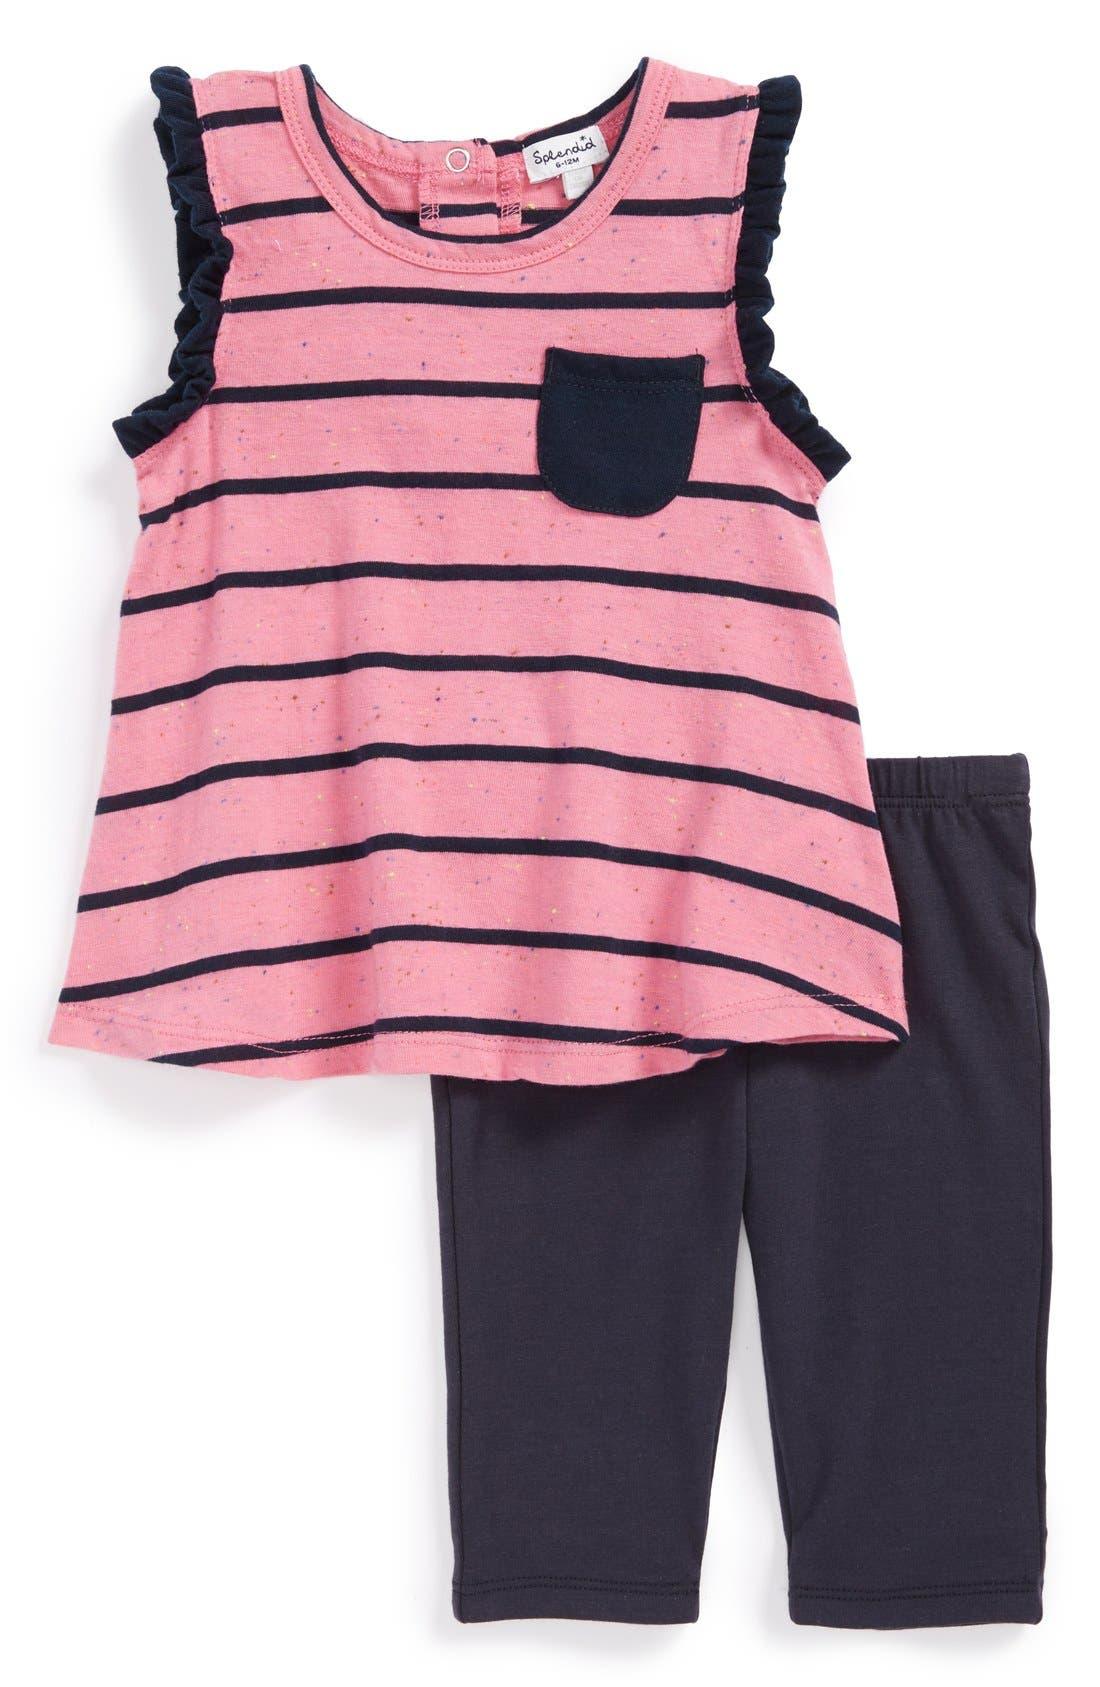 Main Image - Splendid Pocket Tunic & Leggings (Baby Girls)